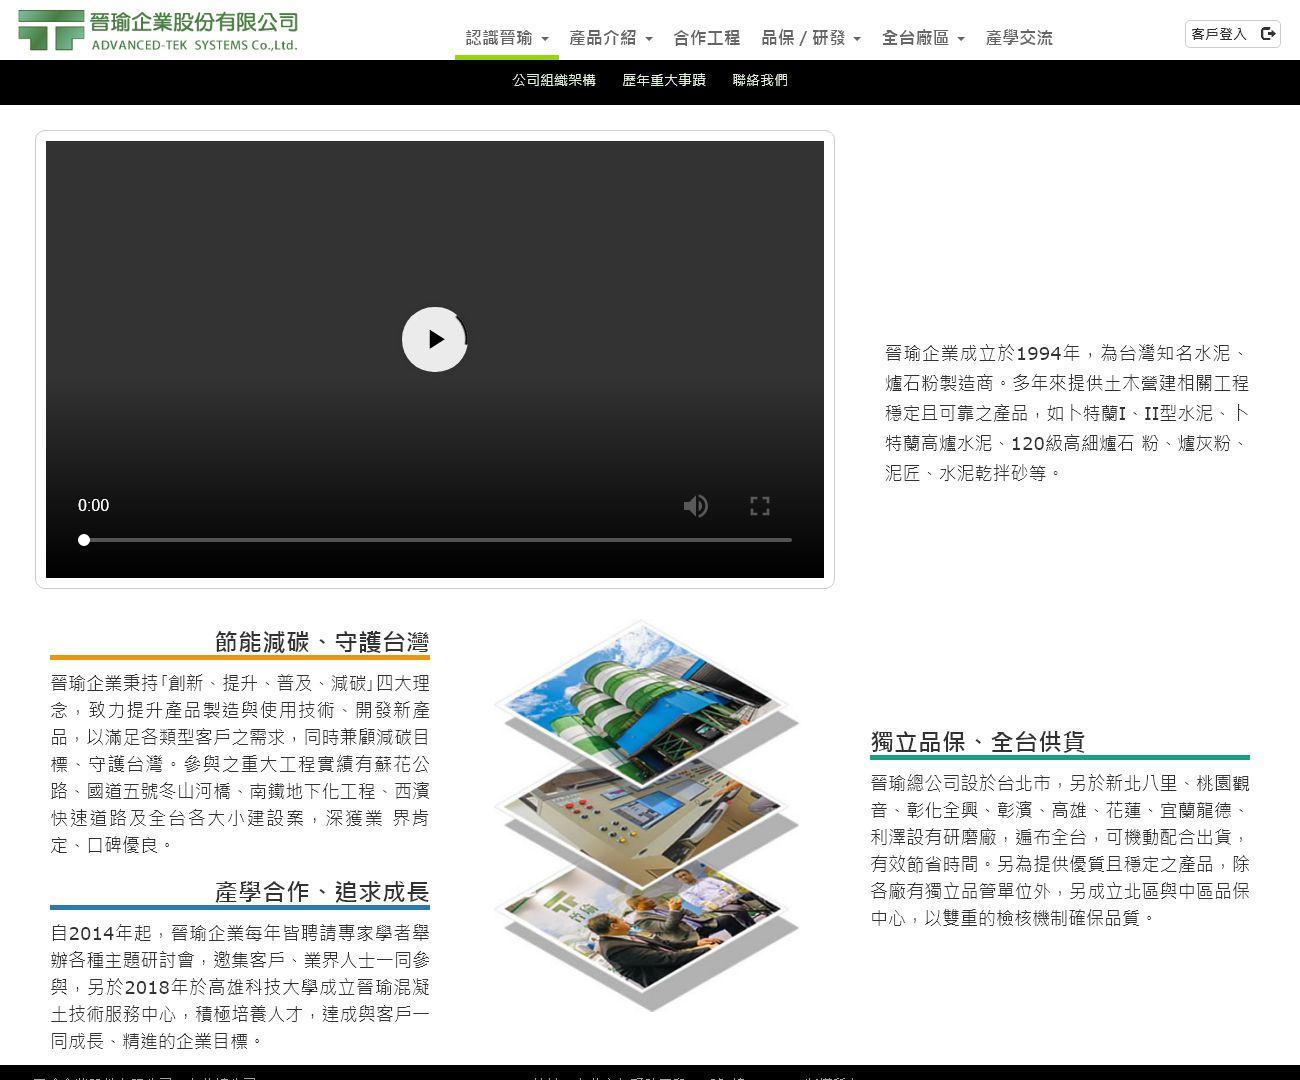 晉瑜企業股份有限公司 - Coccad.com